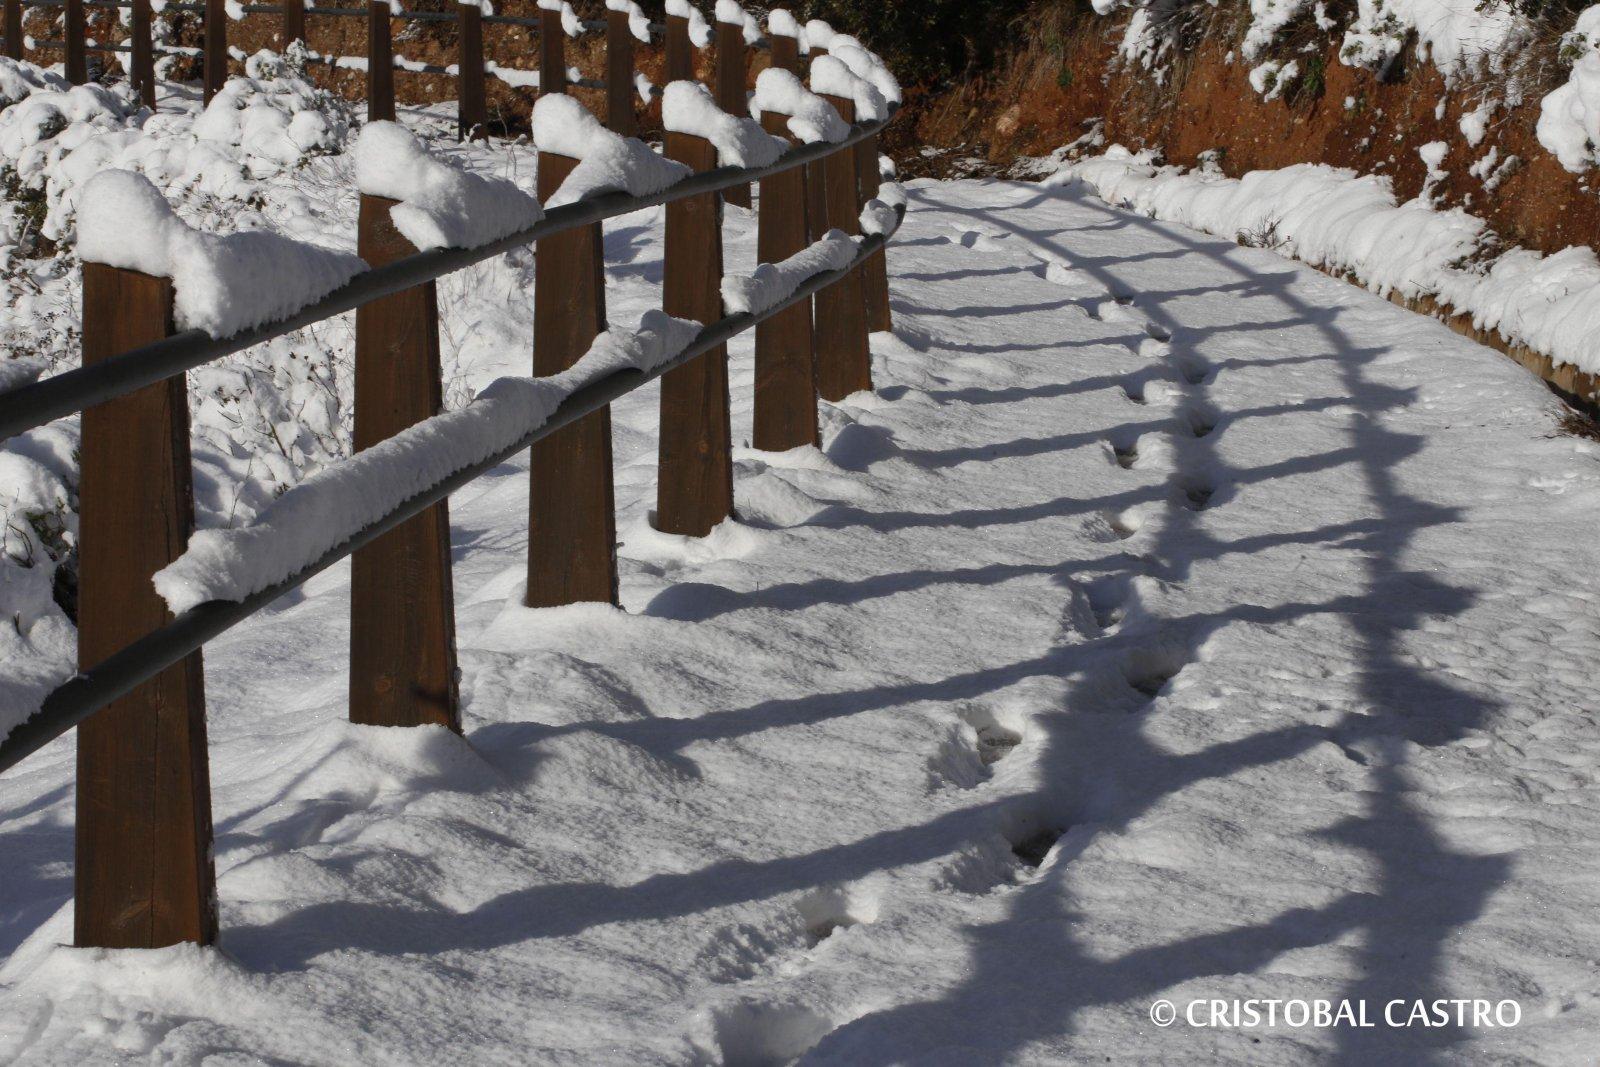 La gran nevada a Coll d'Estenalles